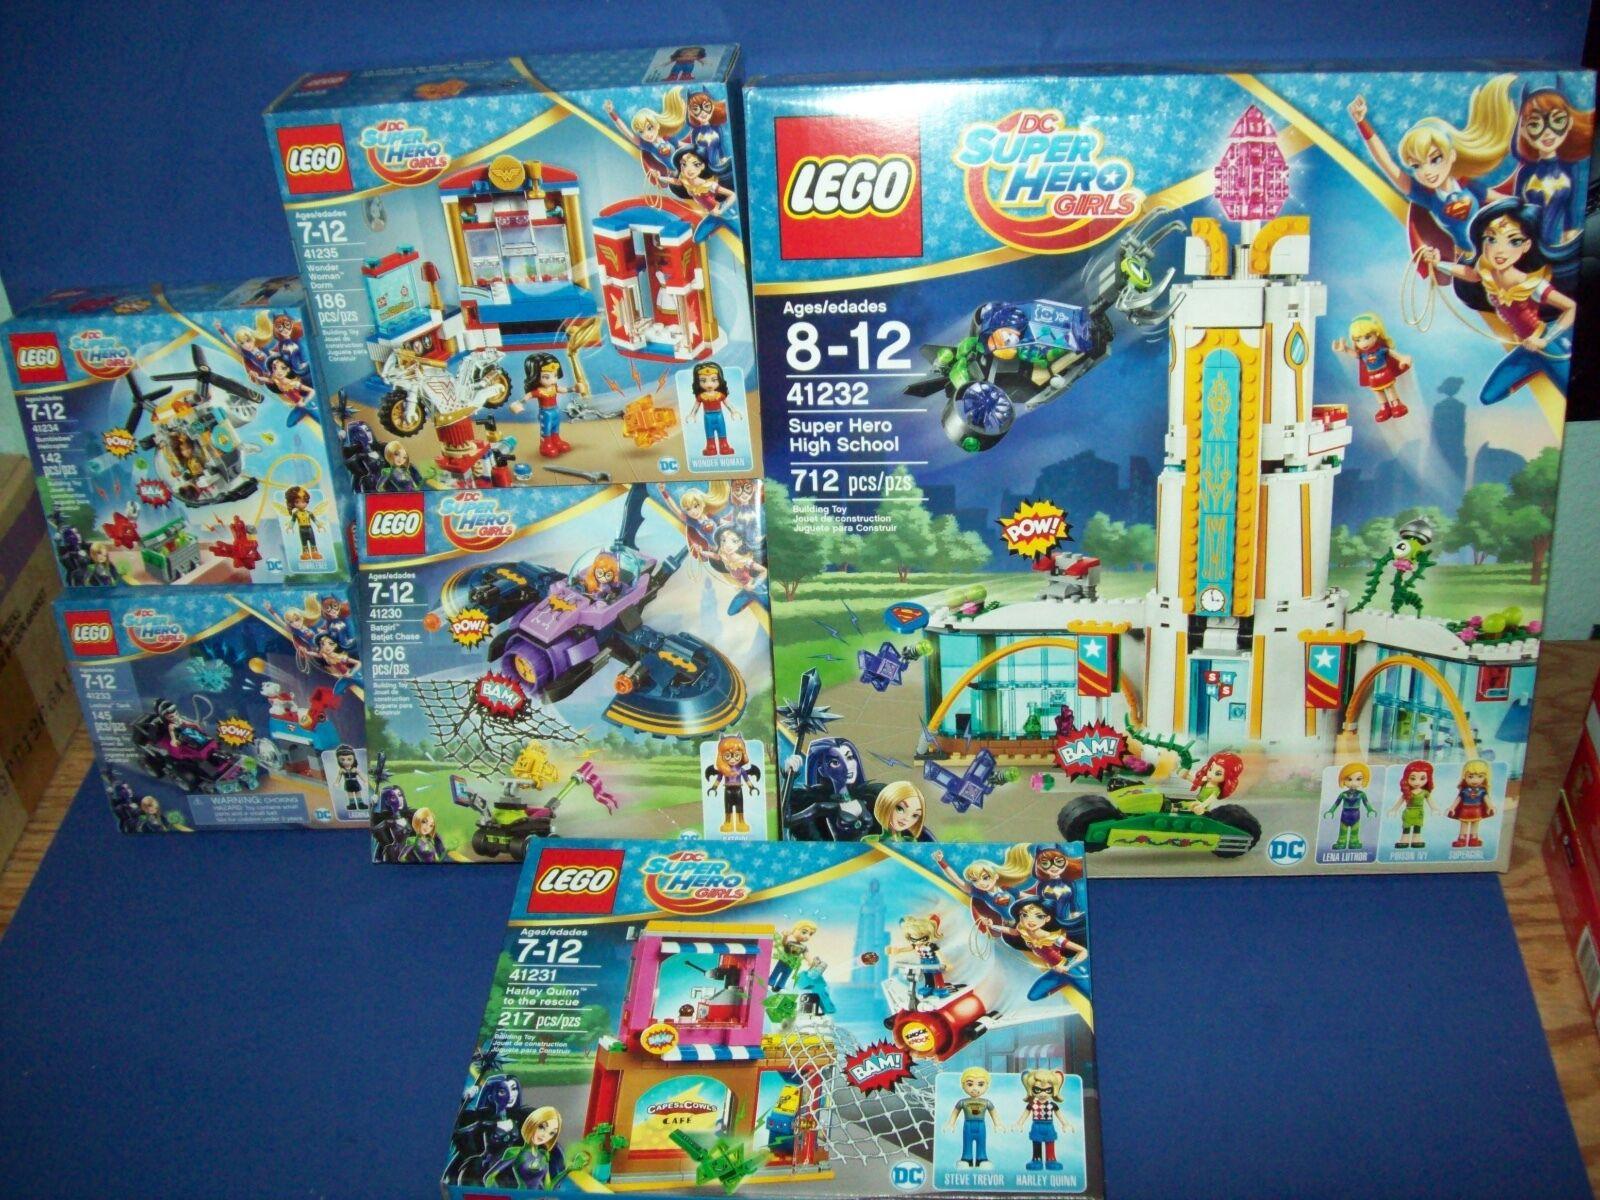 Lego Viele Dc Superheld Mädchen 41230 41231 41232 41233 41234 41235 Wonder Woman